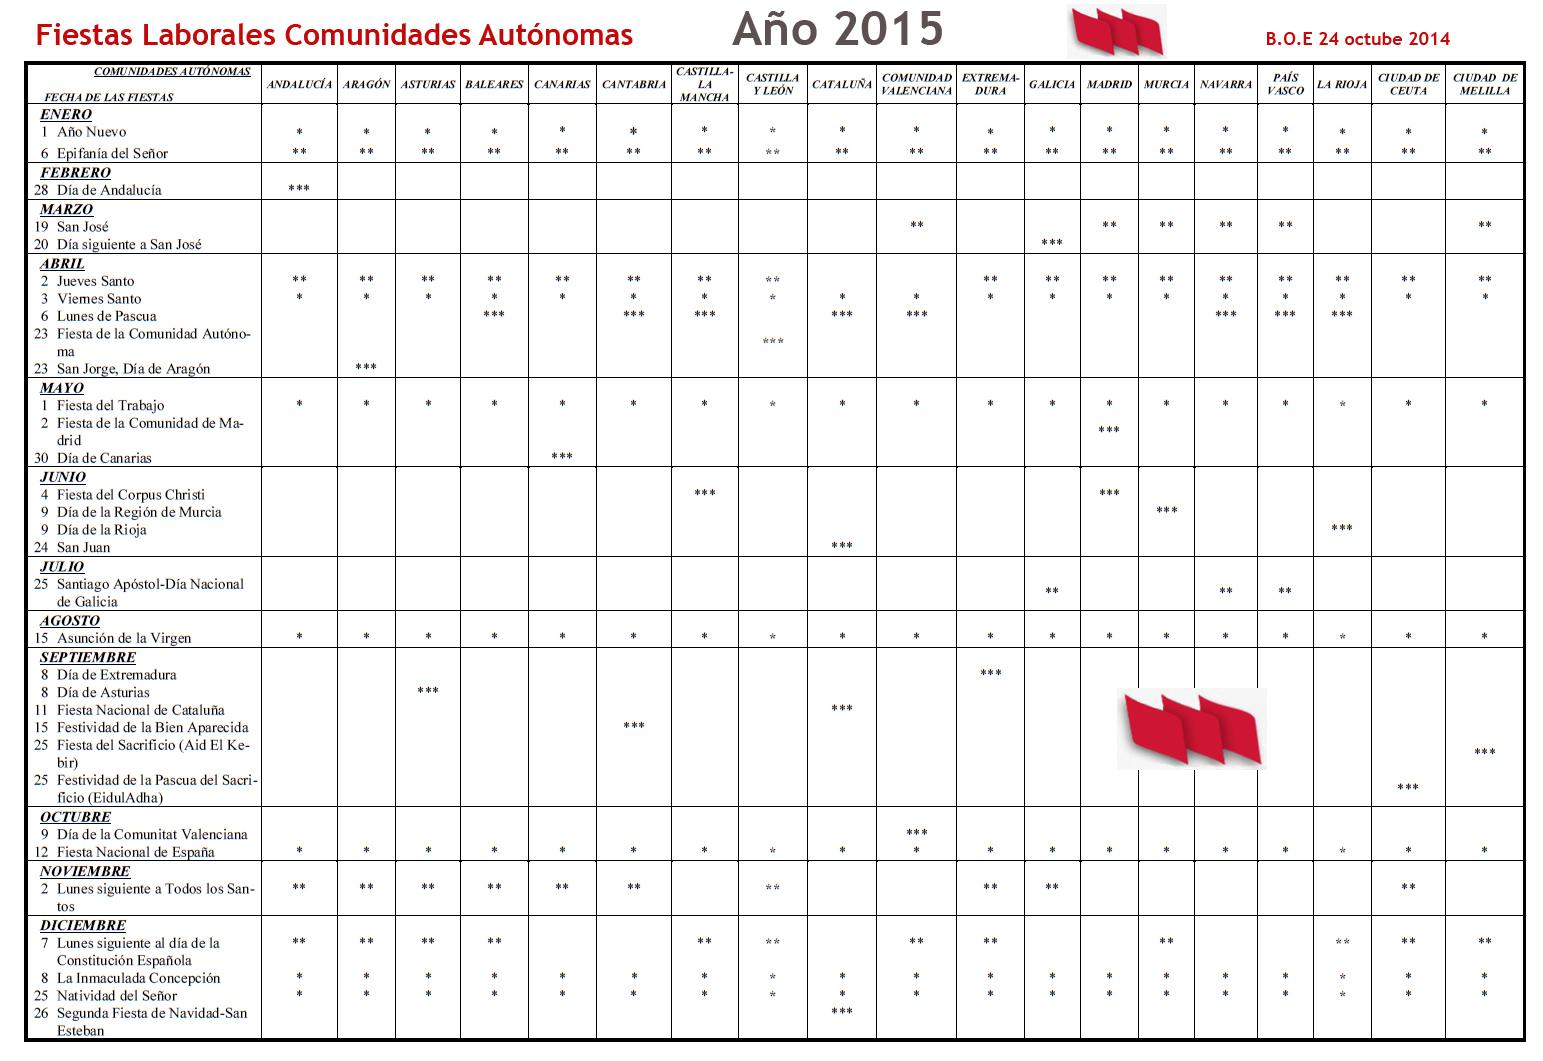 Fiestas_Laborales_2015_CCAA